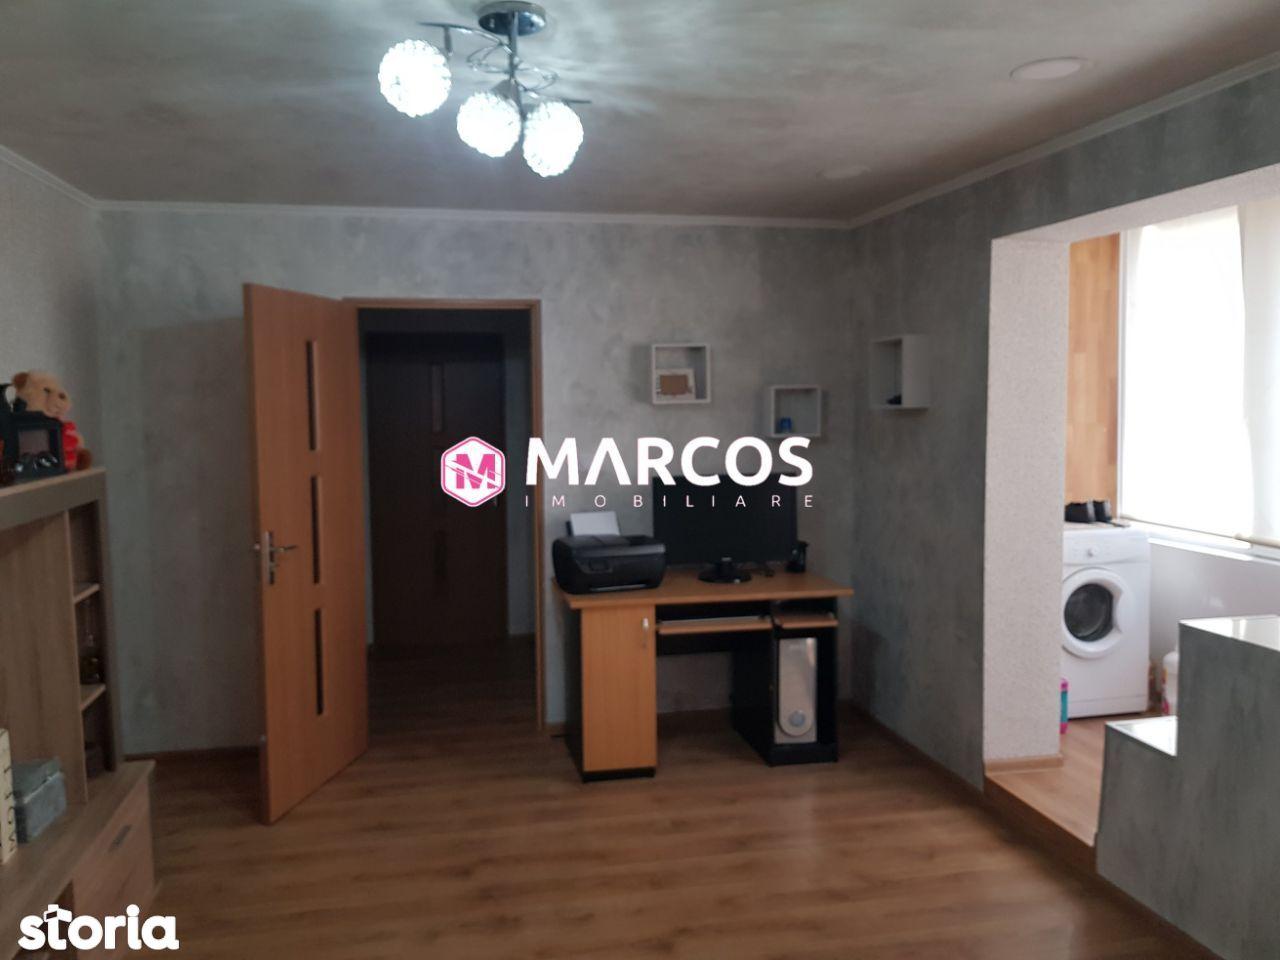 Apartament 2 camere semidecomandat, parter, Micro1, ID 714